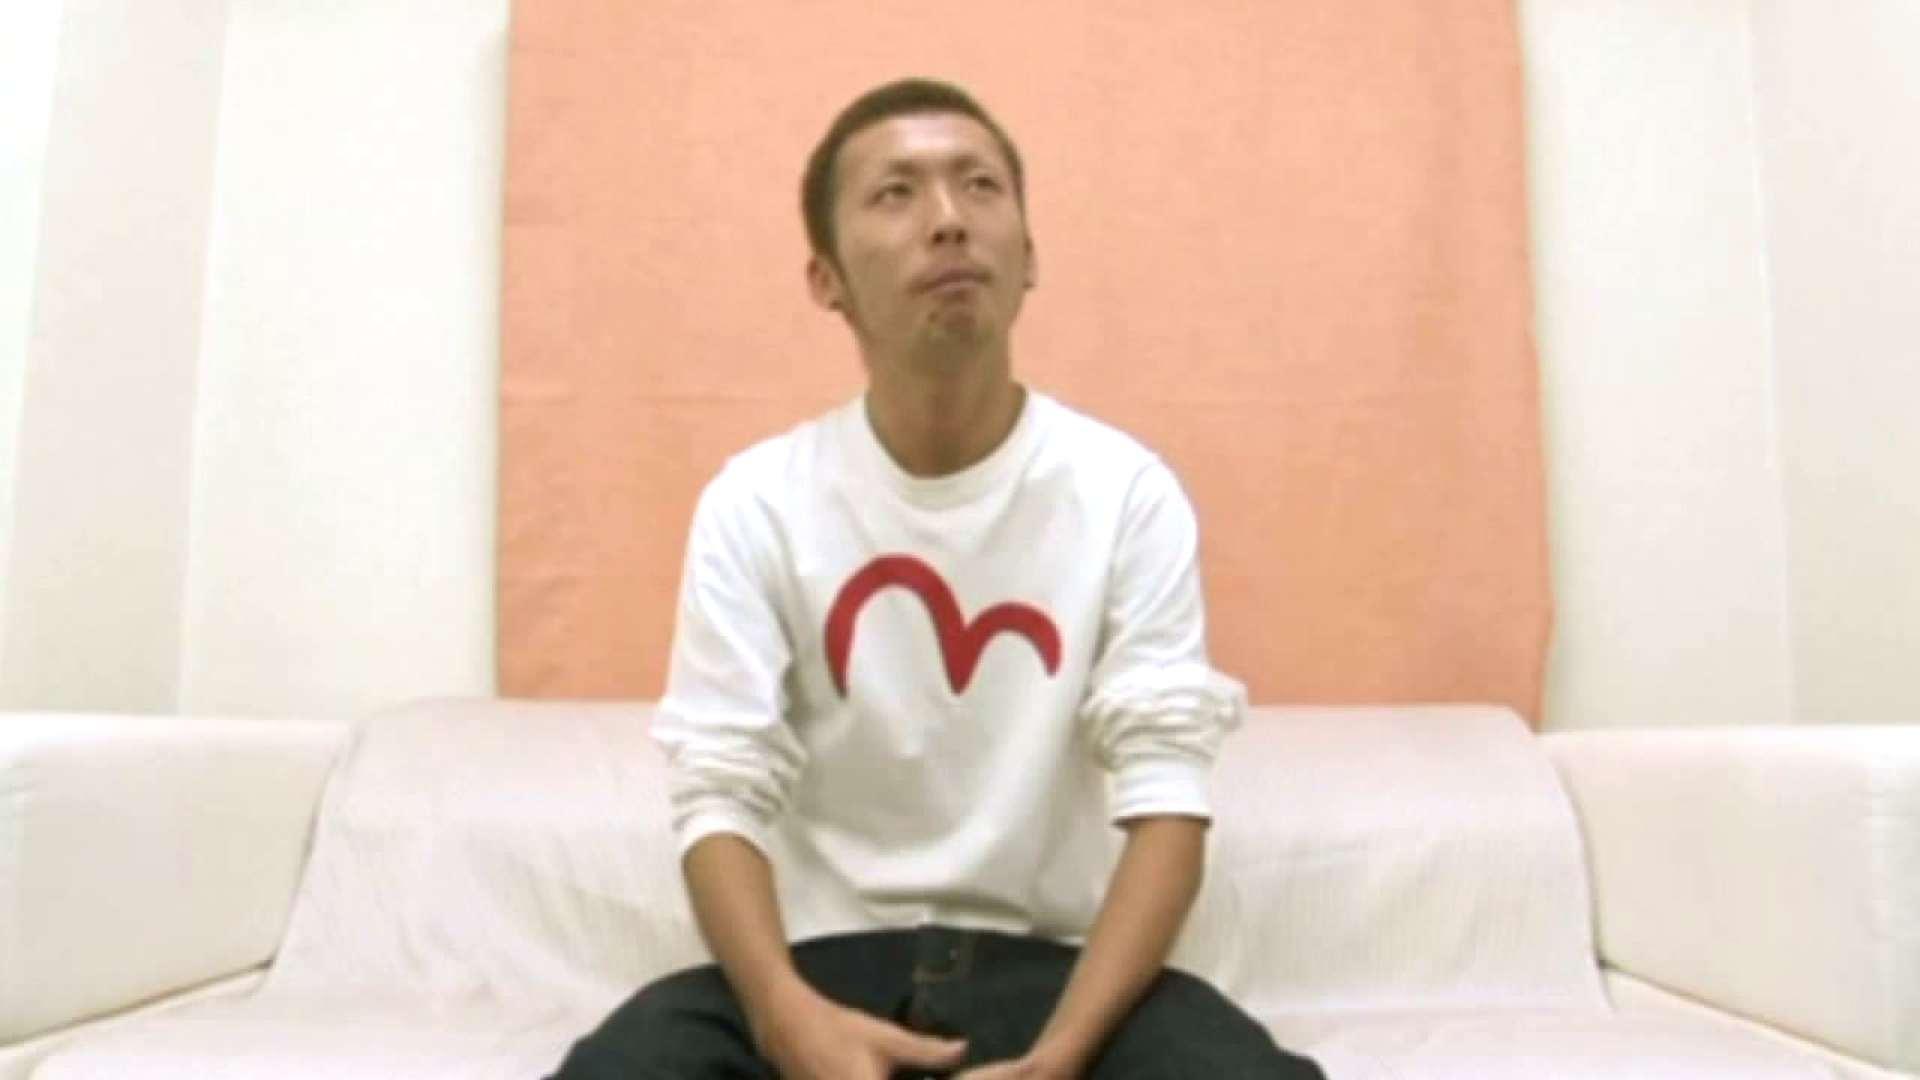 ノンケ!自慰スタジオ No.11 自慰特集 | ゲイの裸  67枚 1